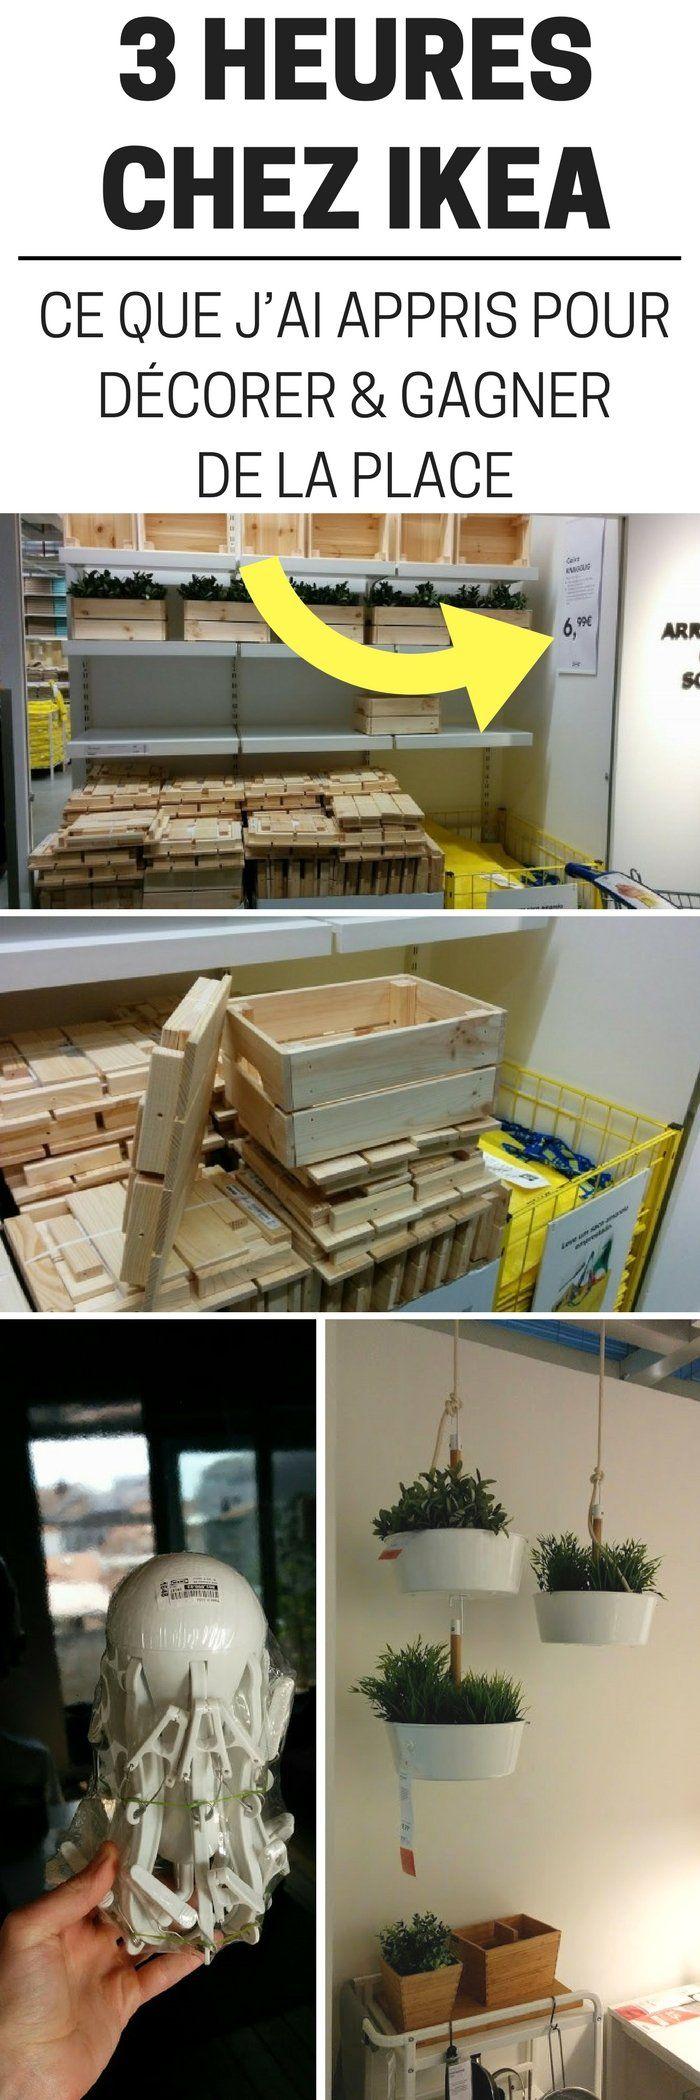 J'ai Passé 3 Heures chez IKEA. Voici Ce Que J'ai Appris pour Décorer et Gagner de la Place